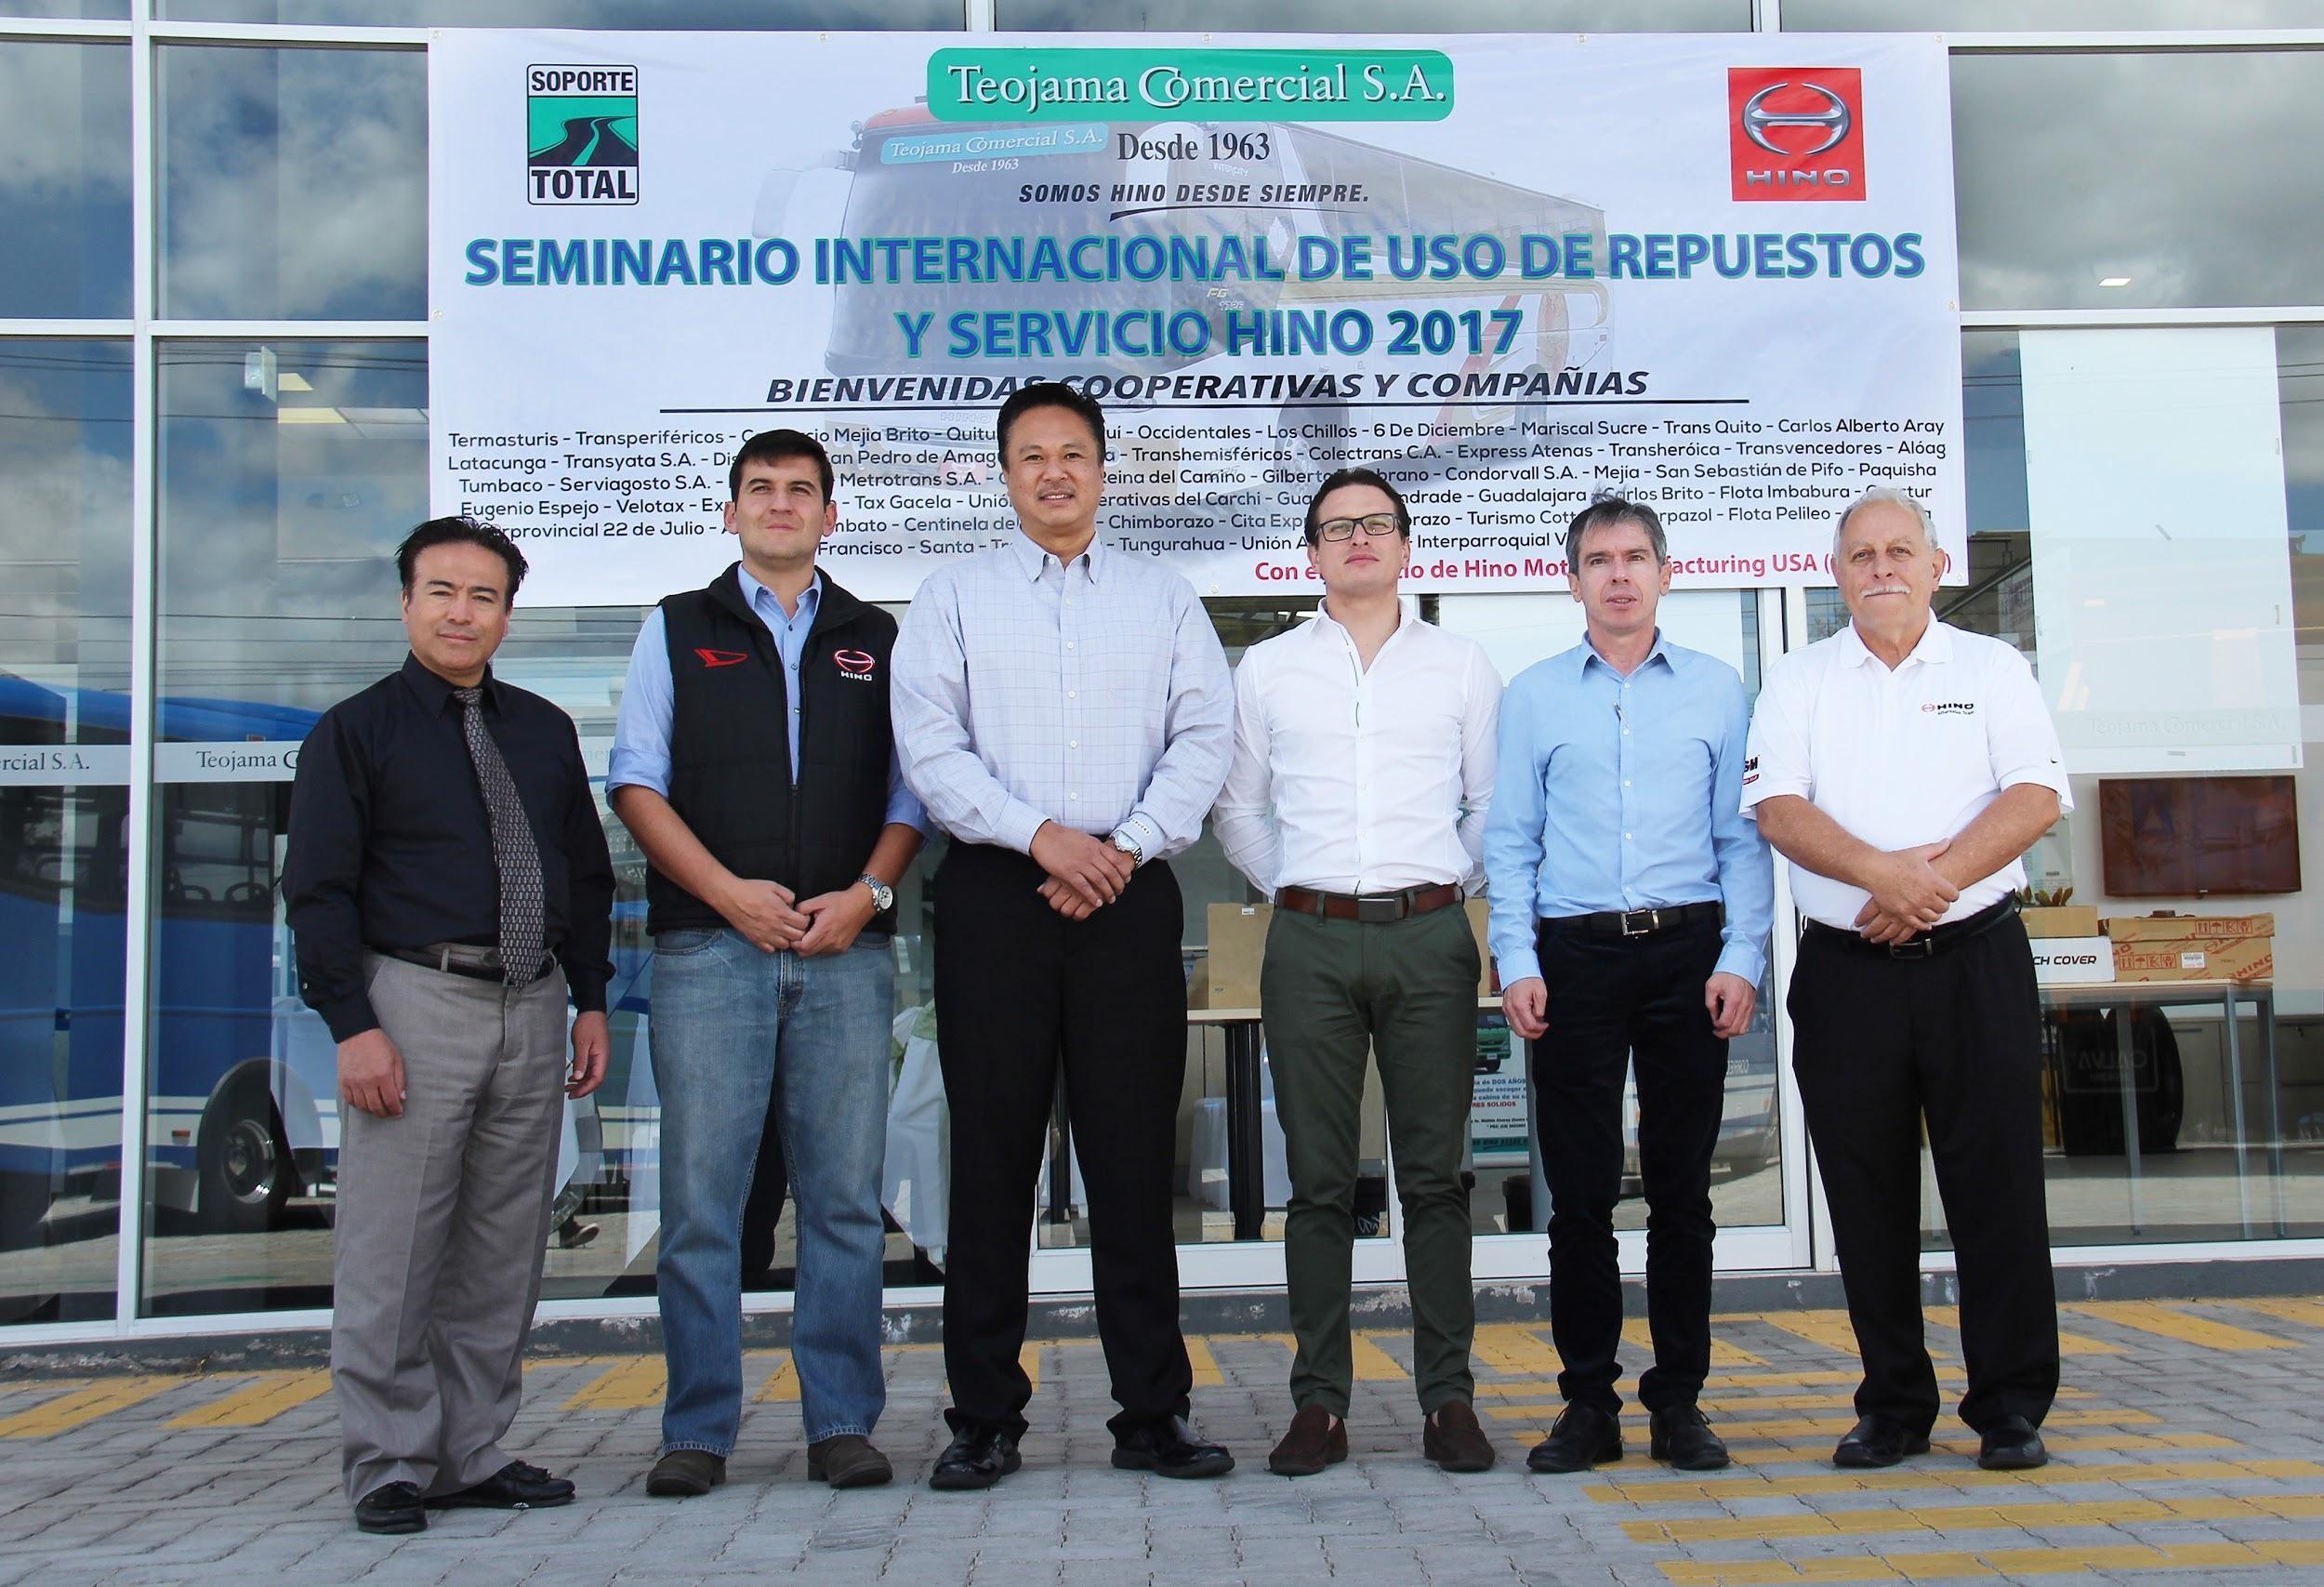 Teojama Comercial lideró el Seminario Internacional de uso de repuestos y servicio Hino 2017